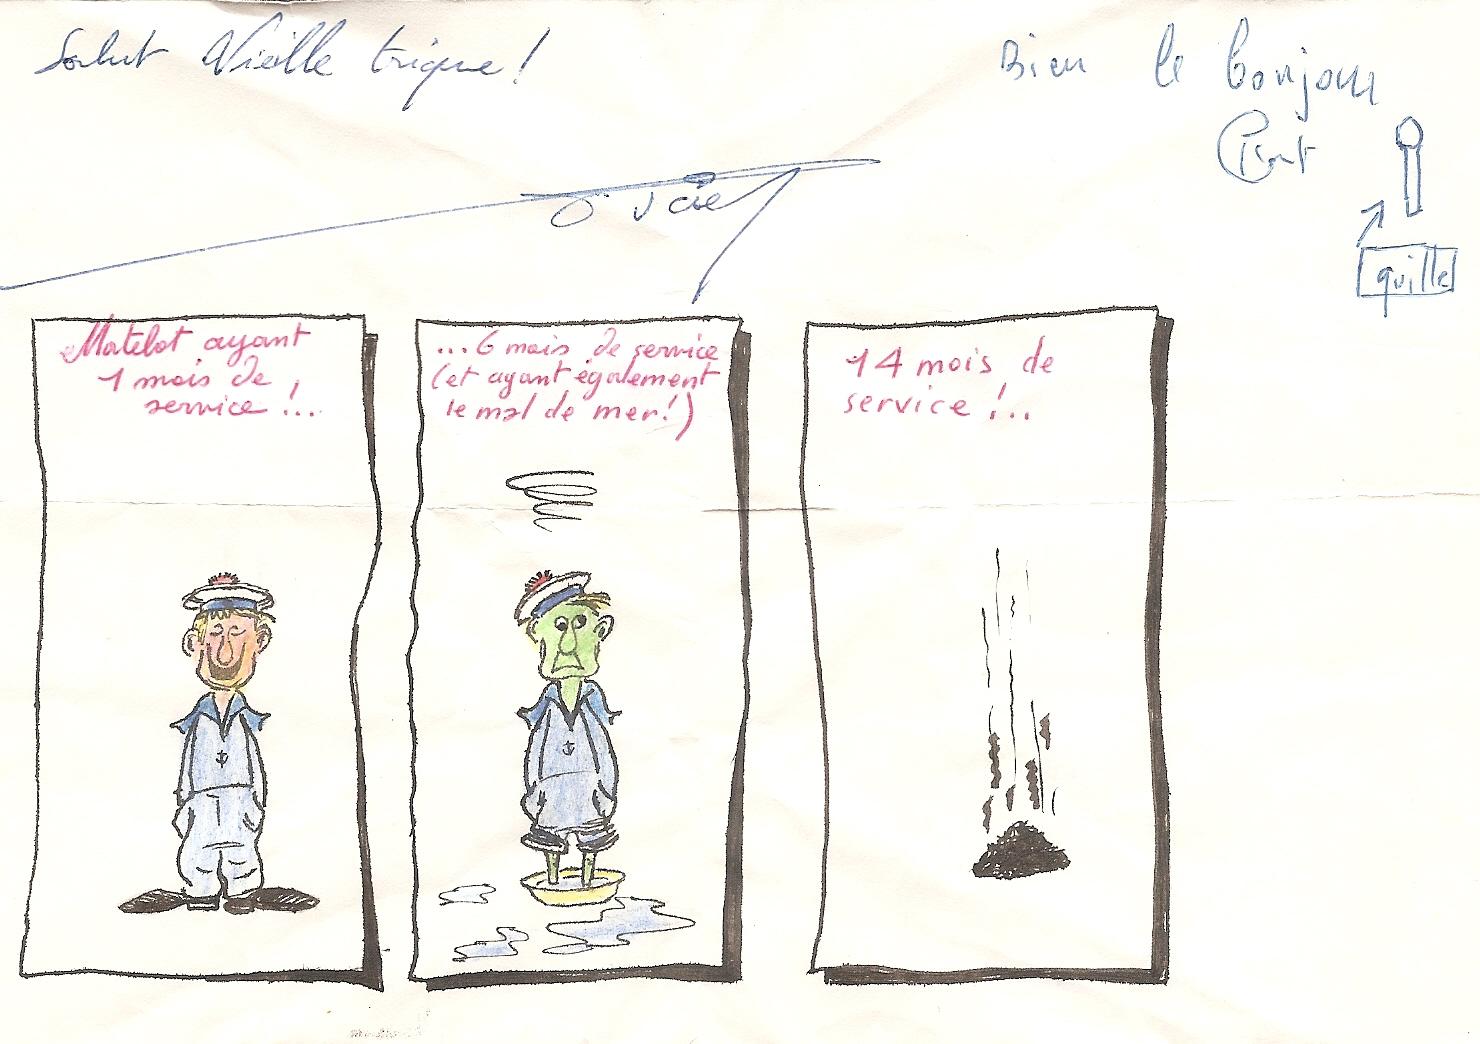 [ LES TRADITIONS DANS LA MARINE ] Les caricatures dans la Marine 492548numrisation0114